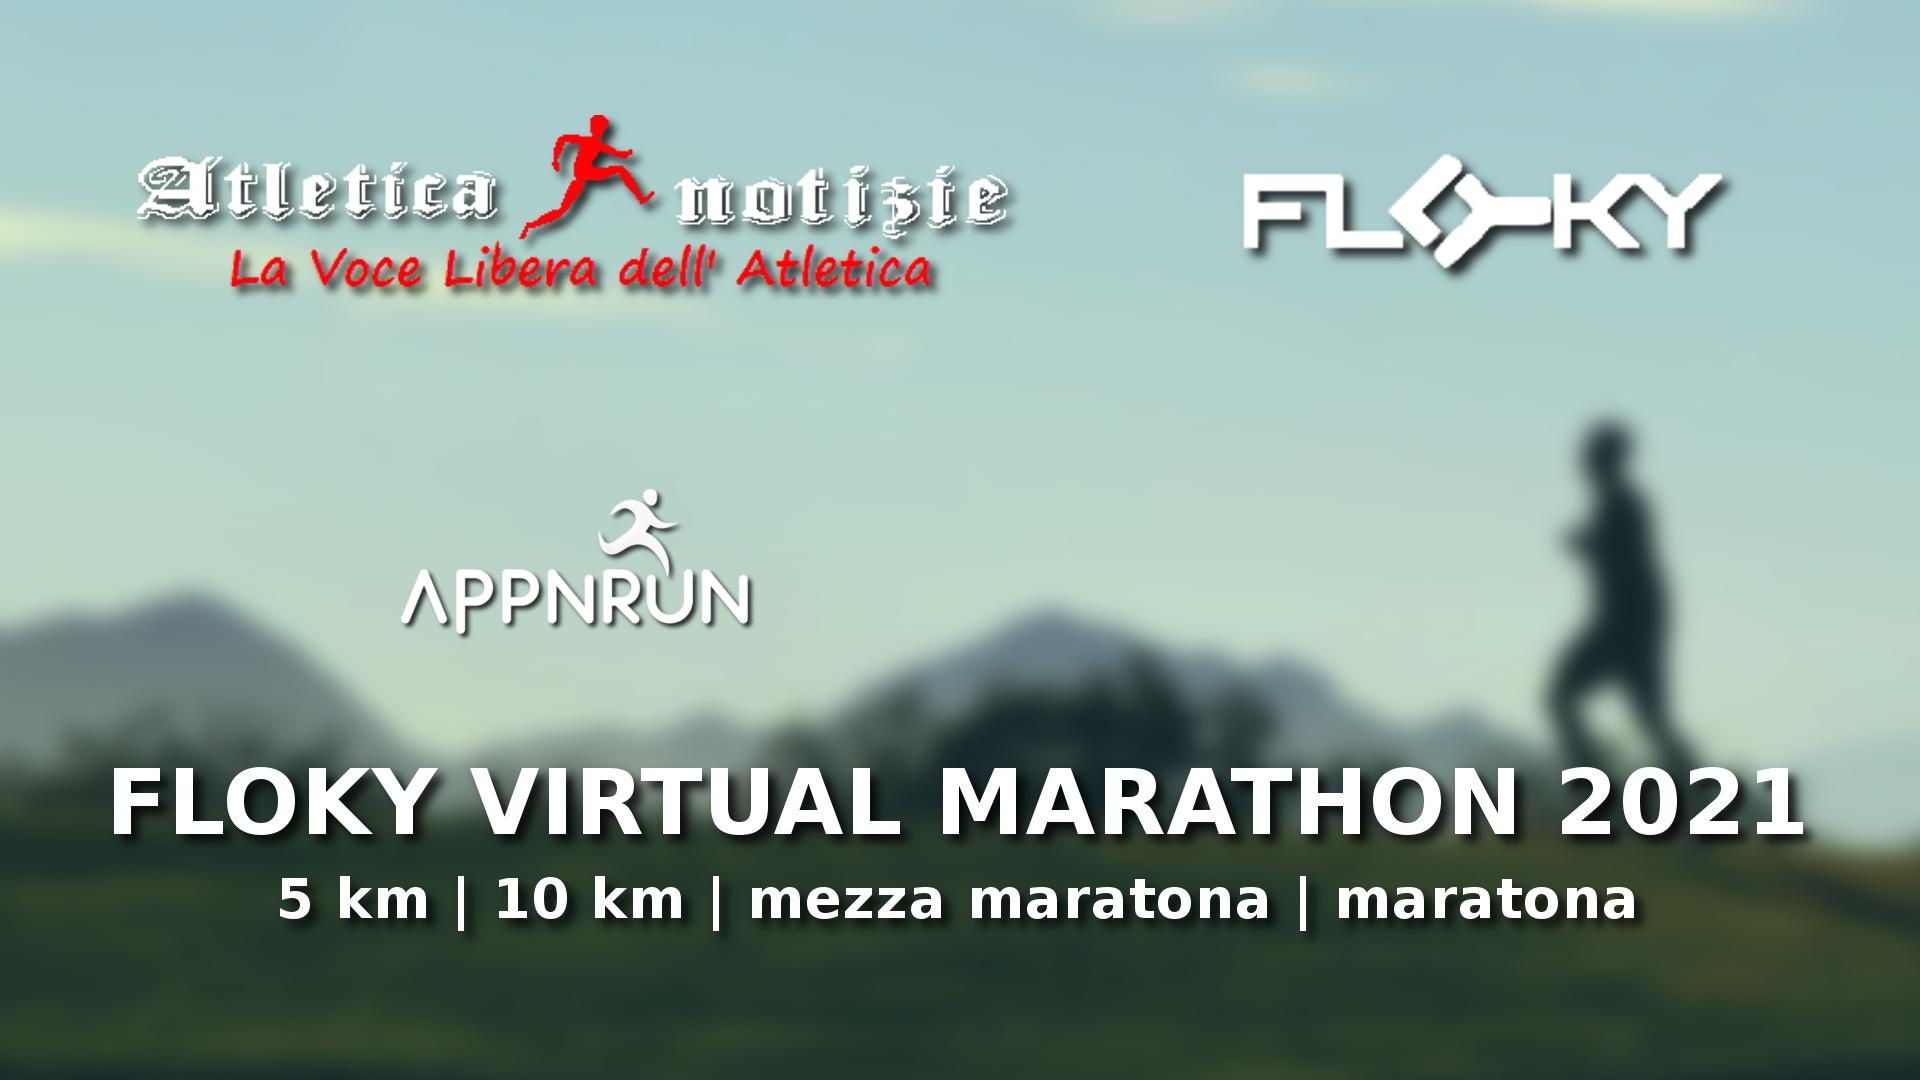 Floky Virtual Marathon 2021 di Atletica Notizie: quattro eventi per quattro distanze